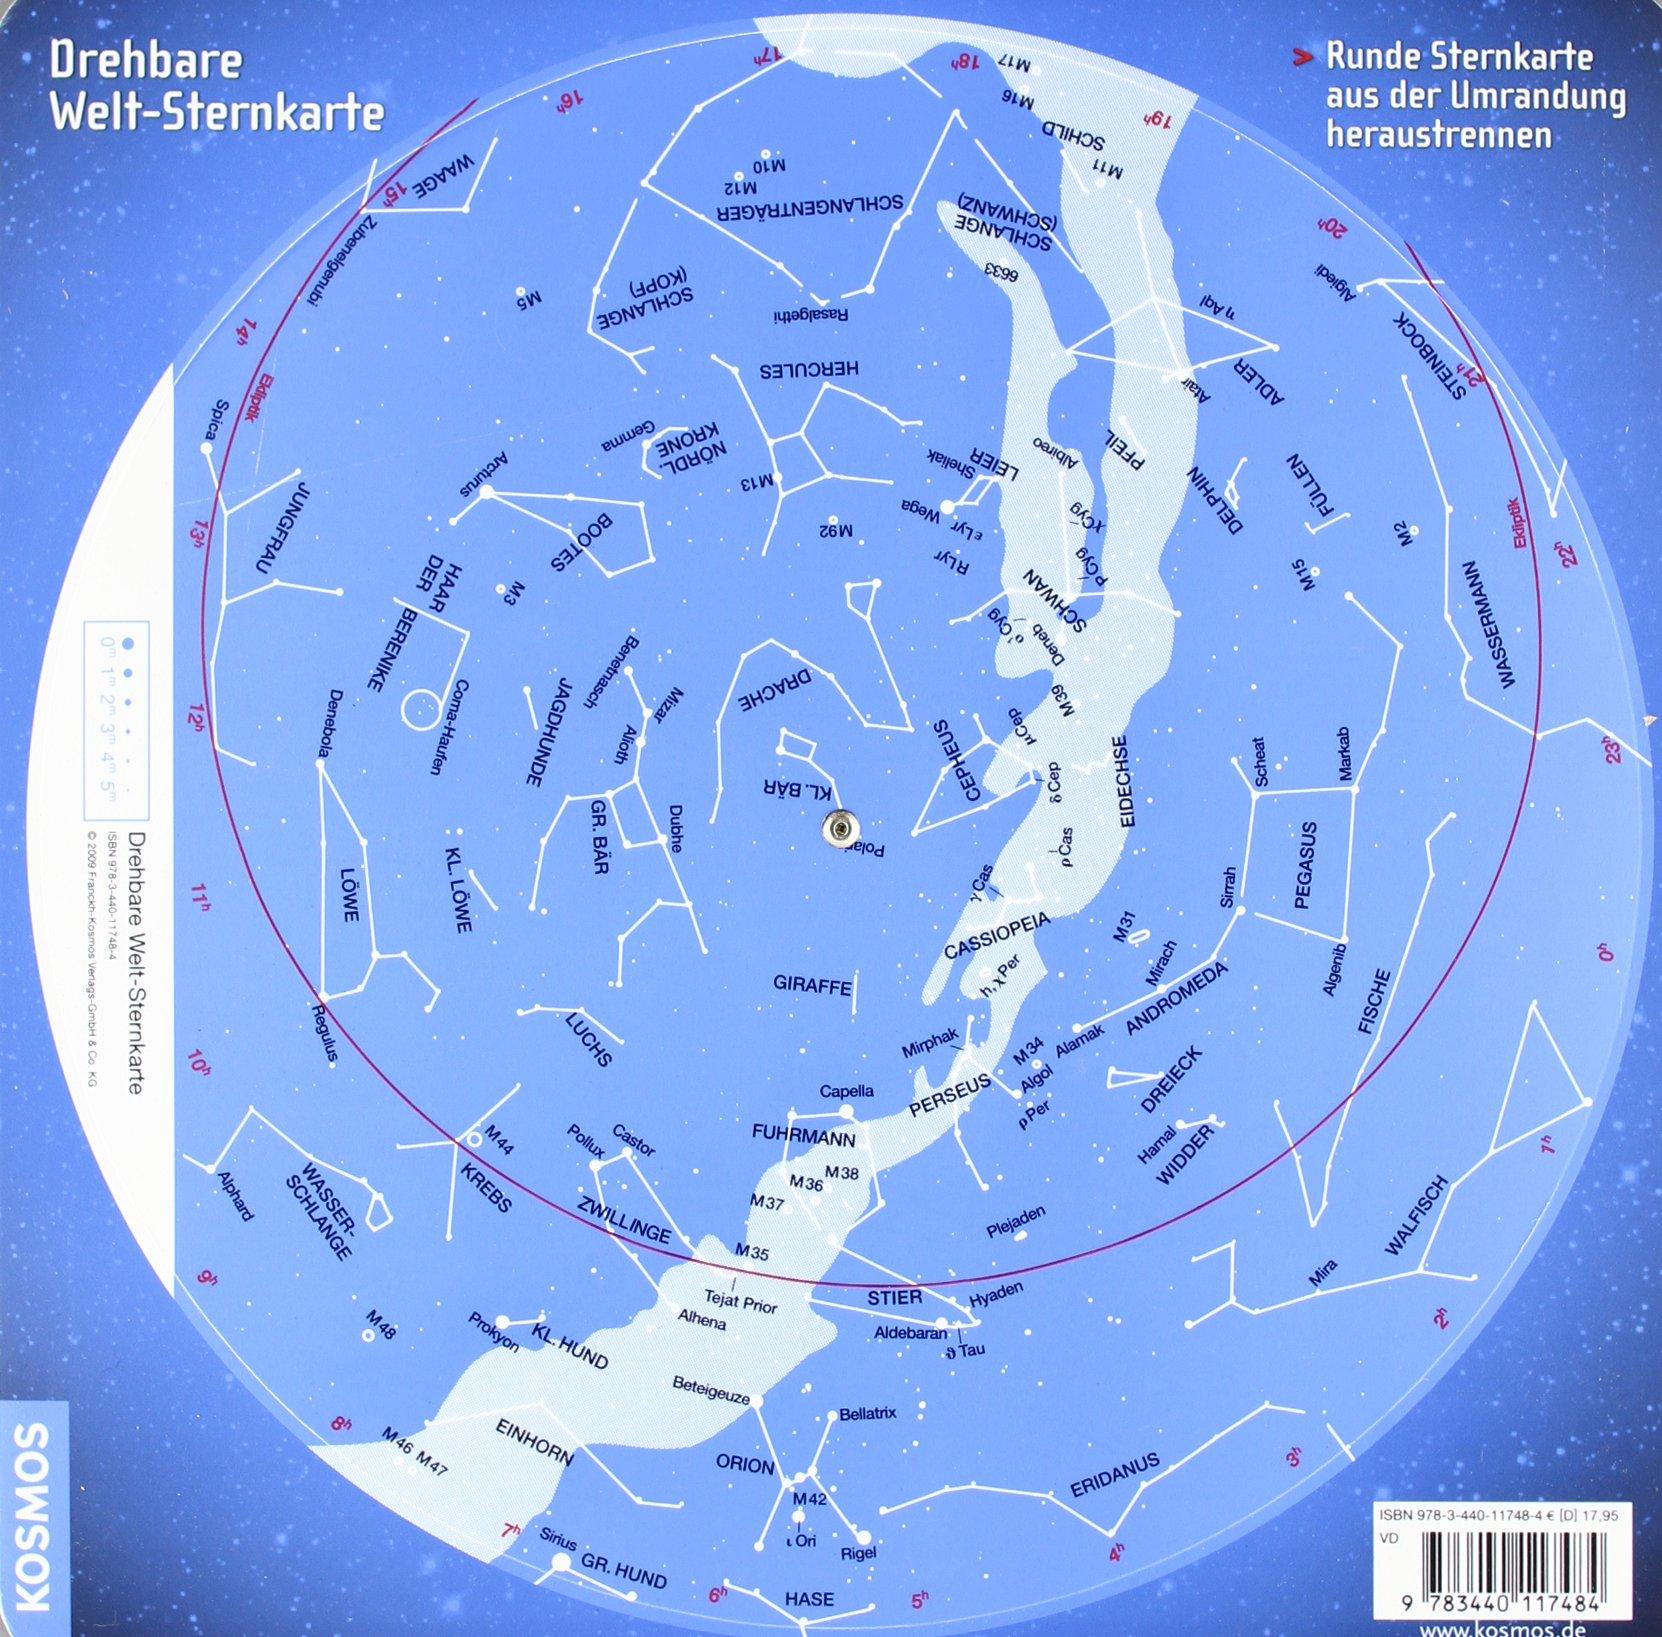 Drehbare Welt Sternkarte Für den nördlichen und südlichen ...